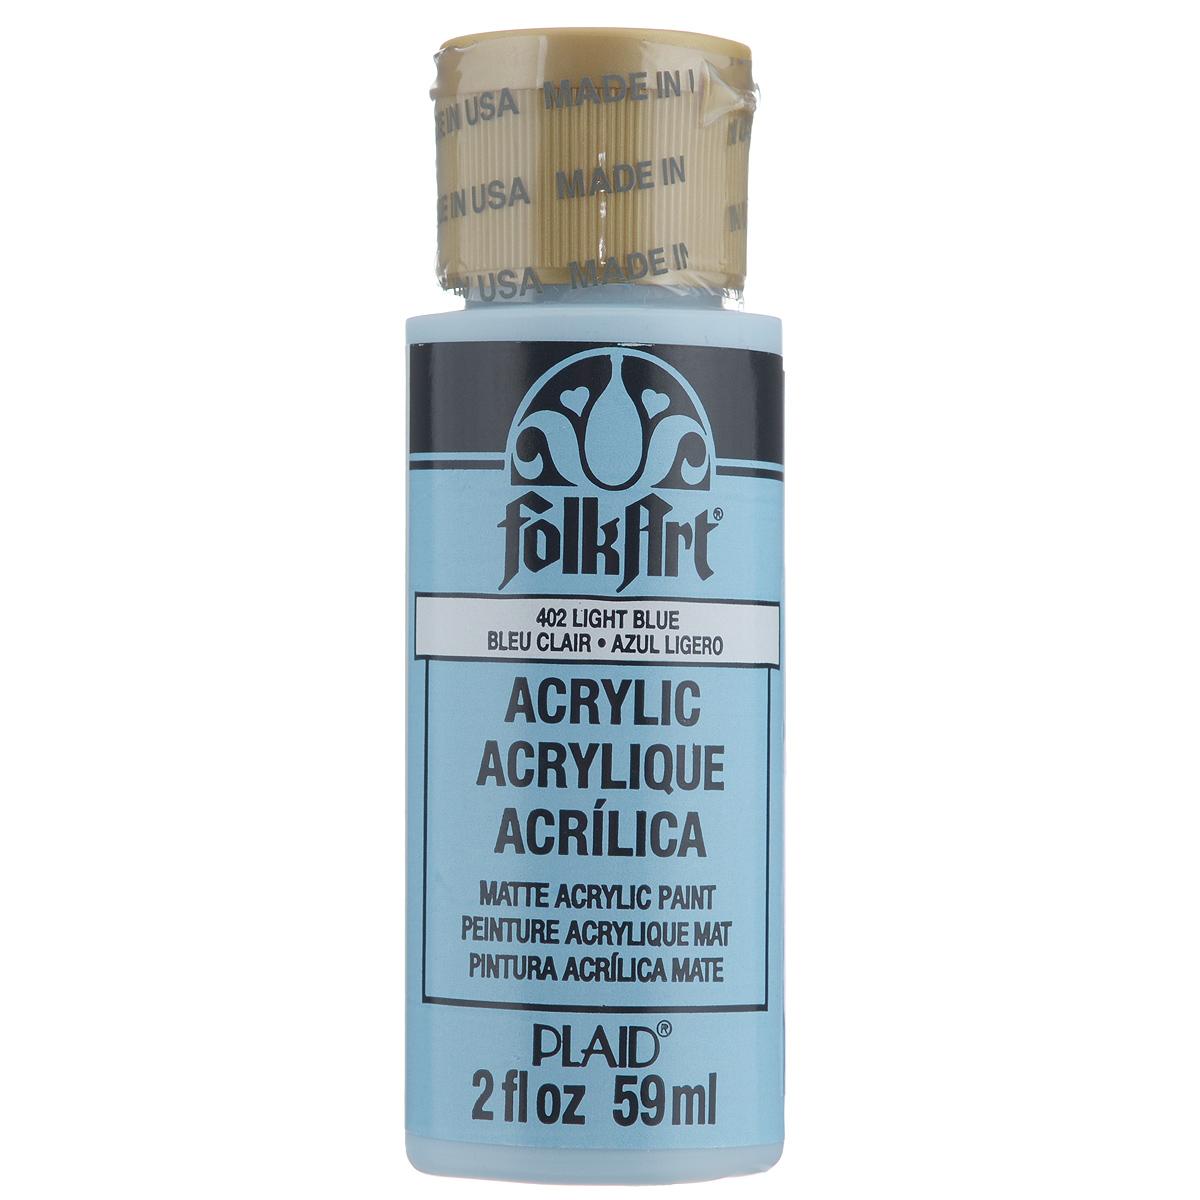 Акриловая краска FolkArt, цвет: светло-голубой, 59 млPLD-00402Акриловая краска FolkArt выполнена на водной основе и предназначена для рисования на пористых поверхностях. Возможно нанесение на ткань, стекло и керамику при использовании со специальными составами-медиумами. Стойкое окрашивание, однородная консистенция. Краски разных цветов хорошо смешиваются между собой.Перед повторным нанесением краски дать высохнуть в течение 1 часа. До высыхания может быть смыта водой с мылом. Объем: 59 мл.